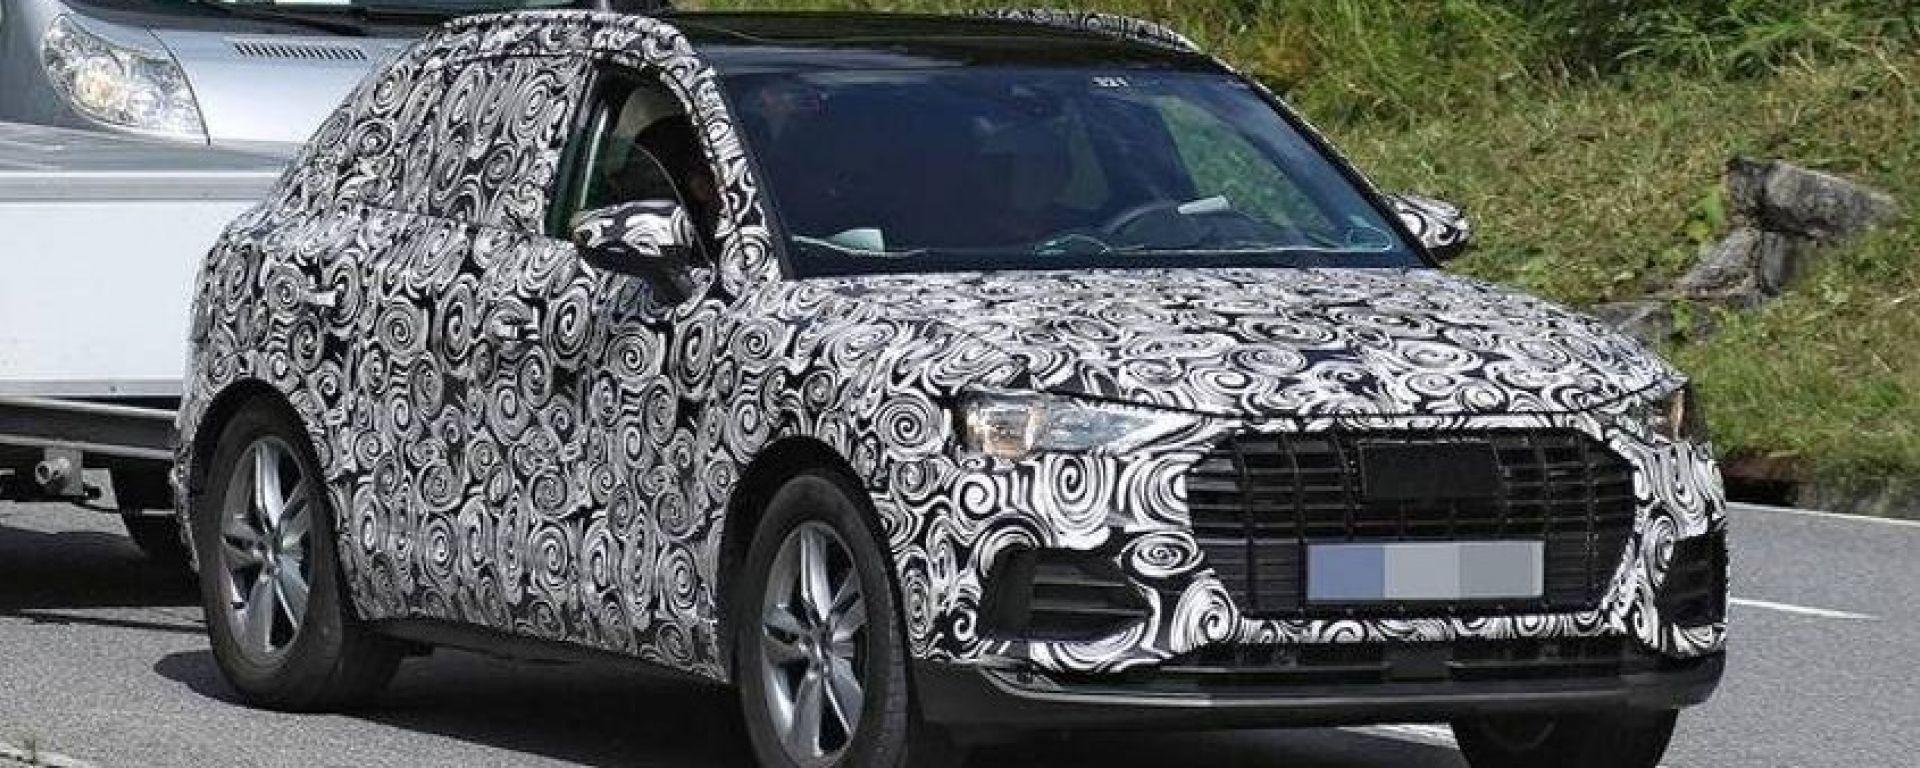 Nuova Audi Q3 2018: prime foto spia e indiscrezioni